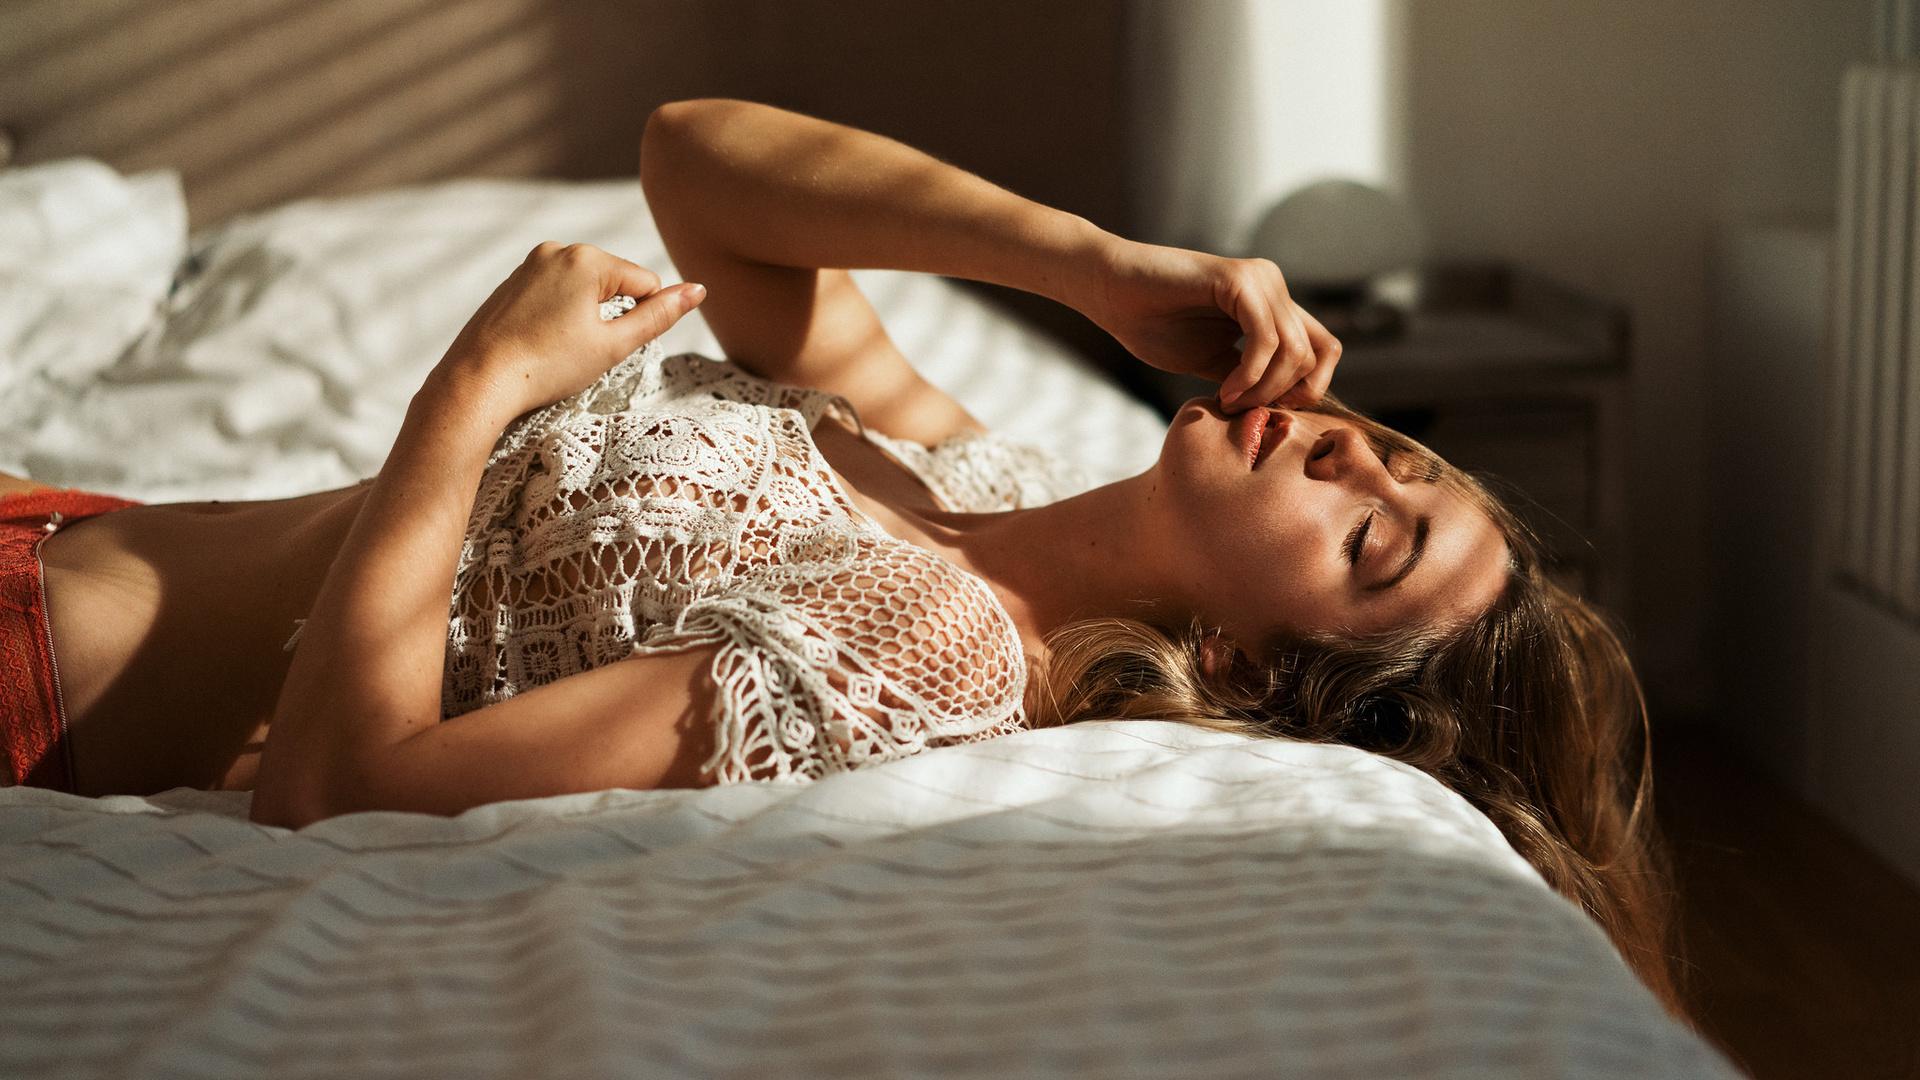 Эротика ласки молодых в постели таки нашел